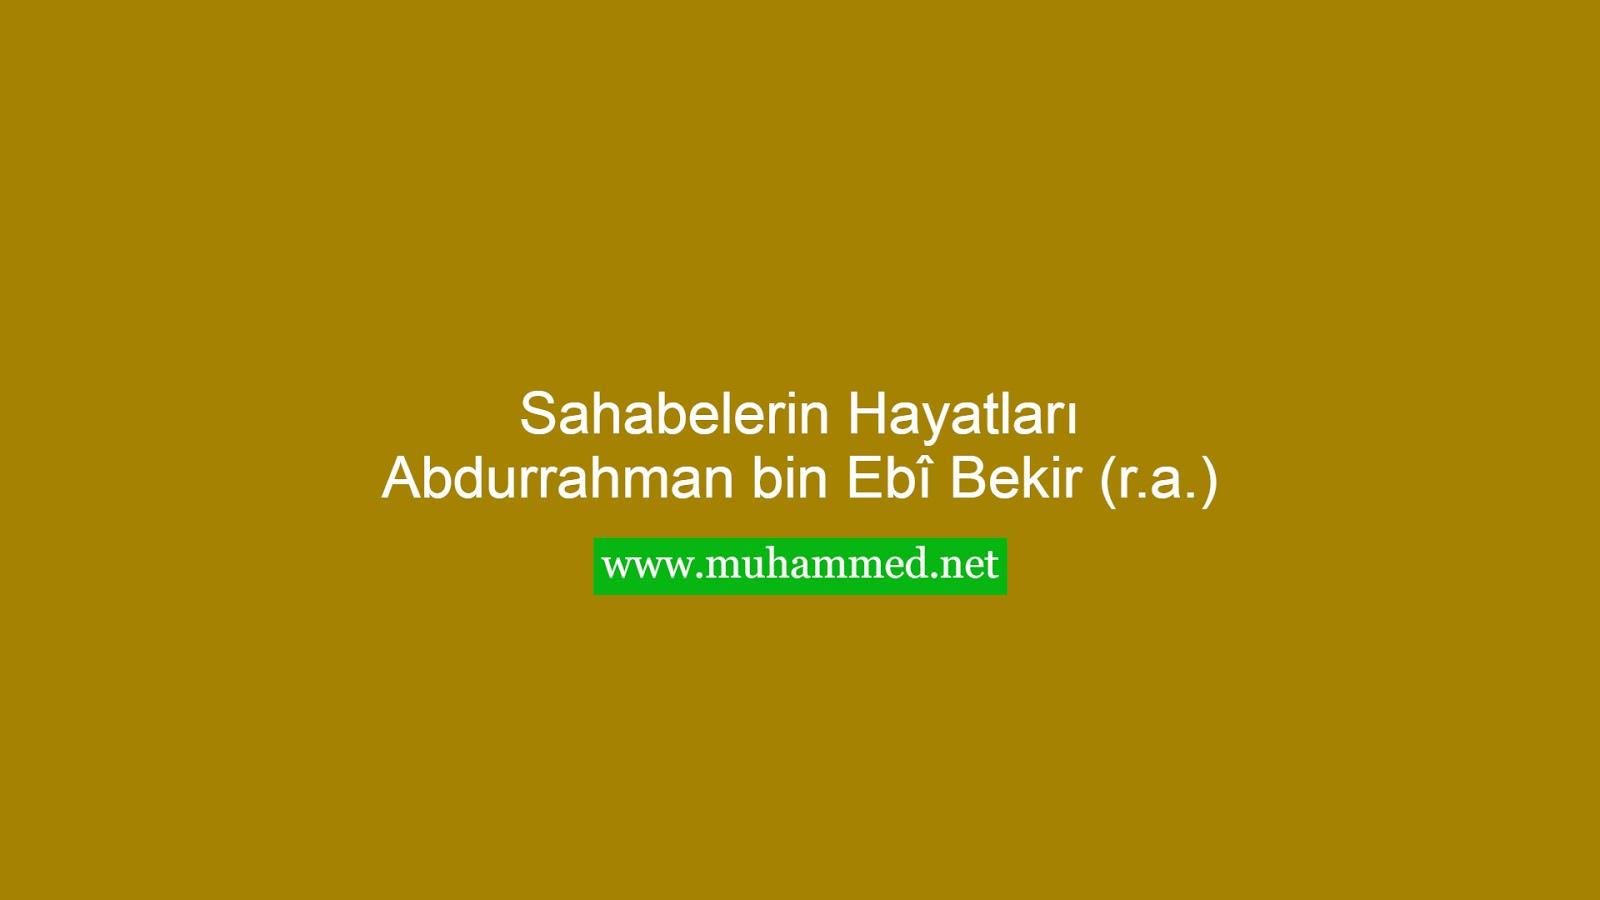 Abdurrahman bin Ebî Bekir (r.a.)